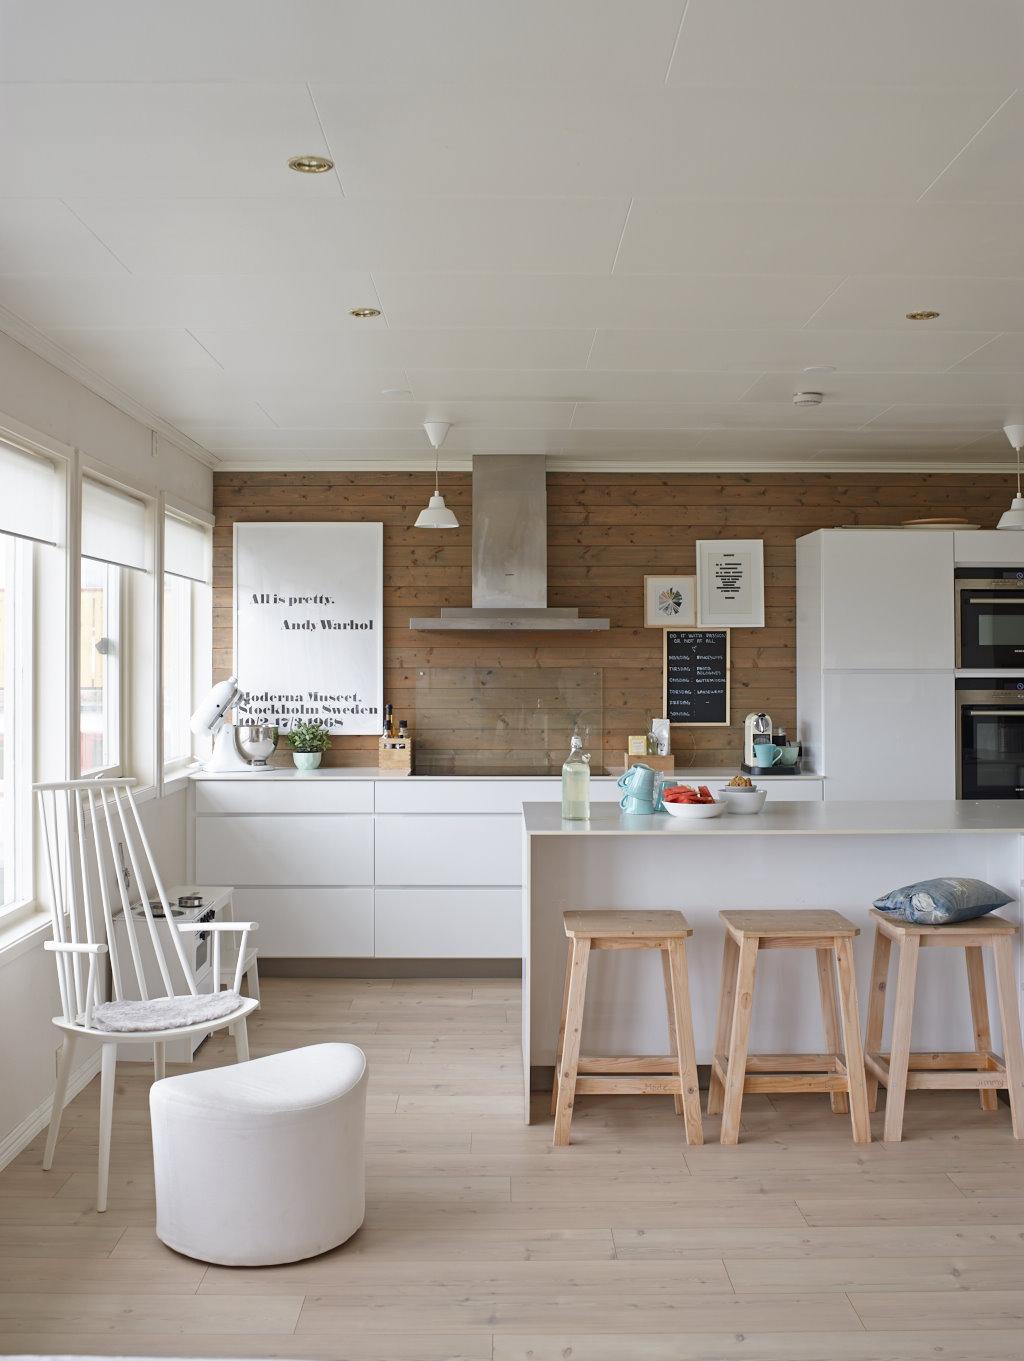 Blanco en textiles y muebles en una casa donde viven ni os blog tienda decoraci n estilo - Ikea muebles blancos ...